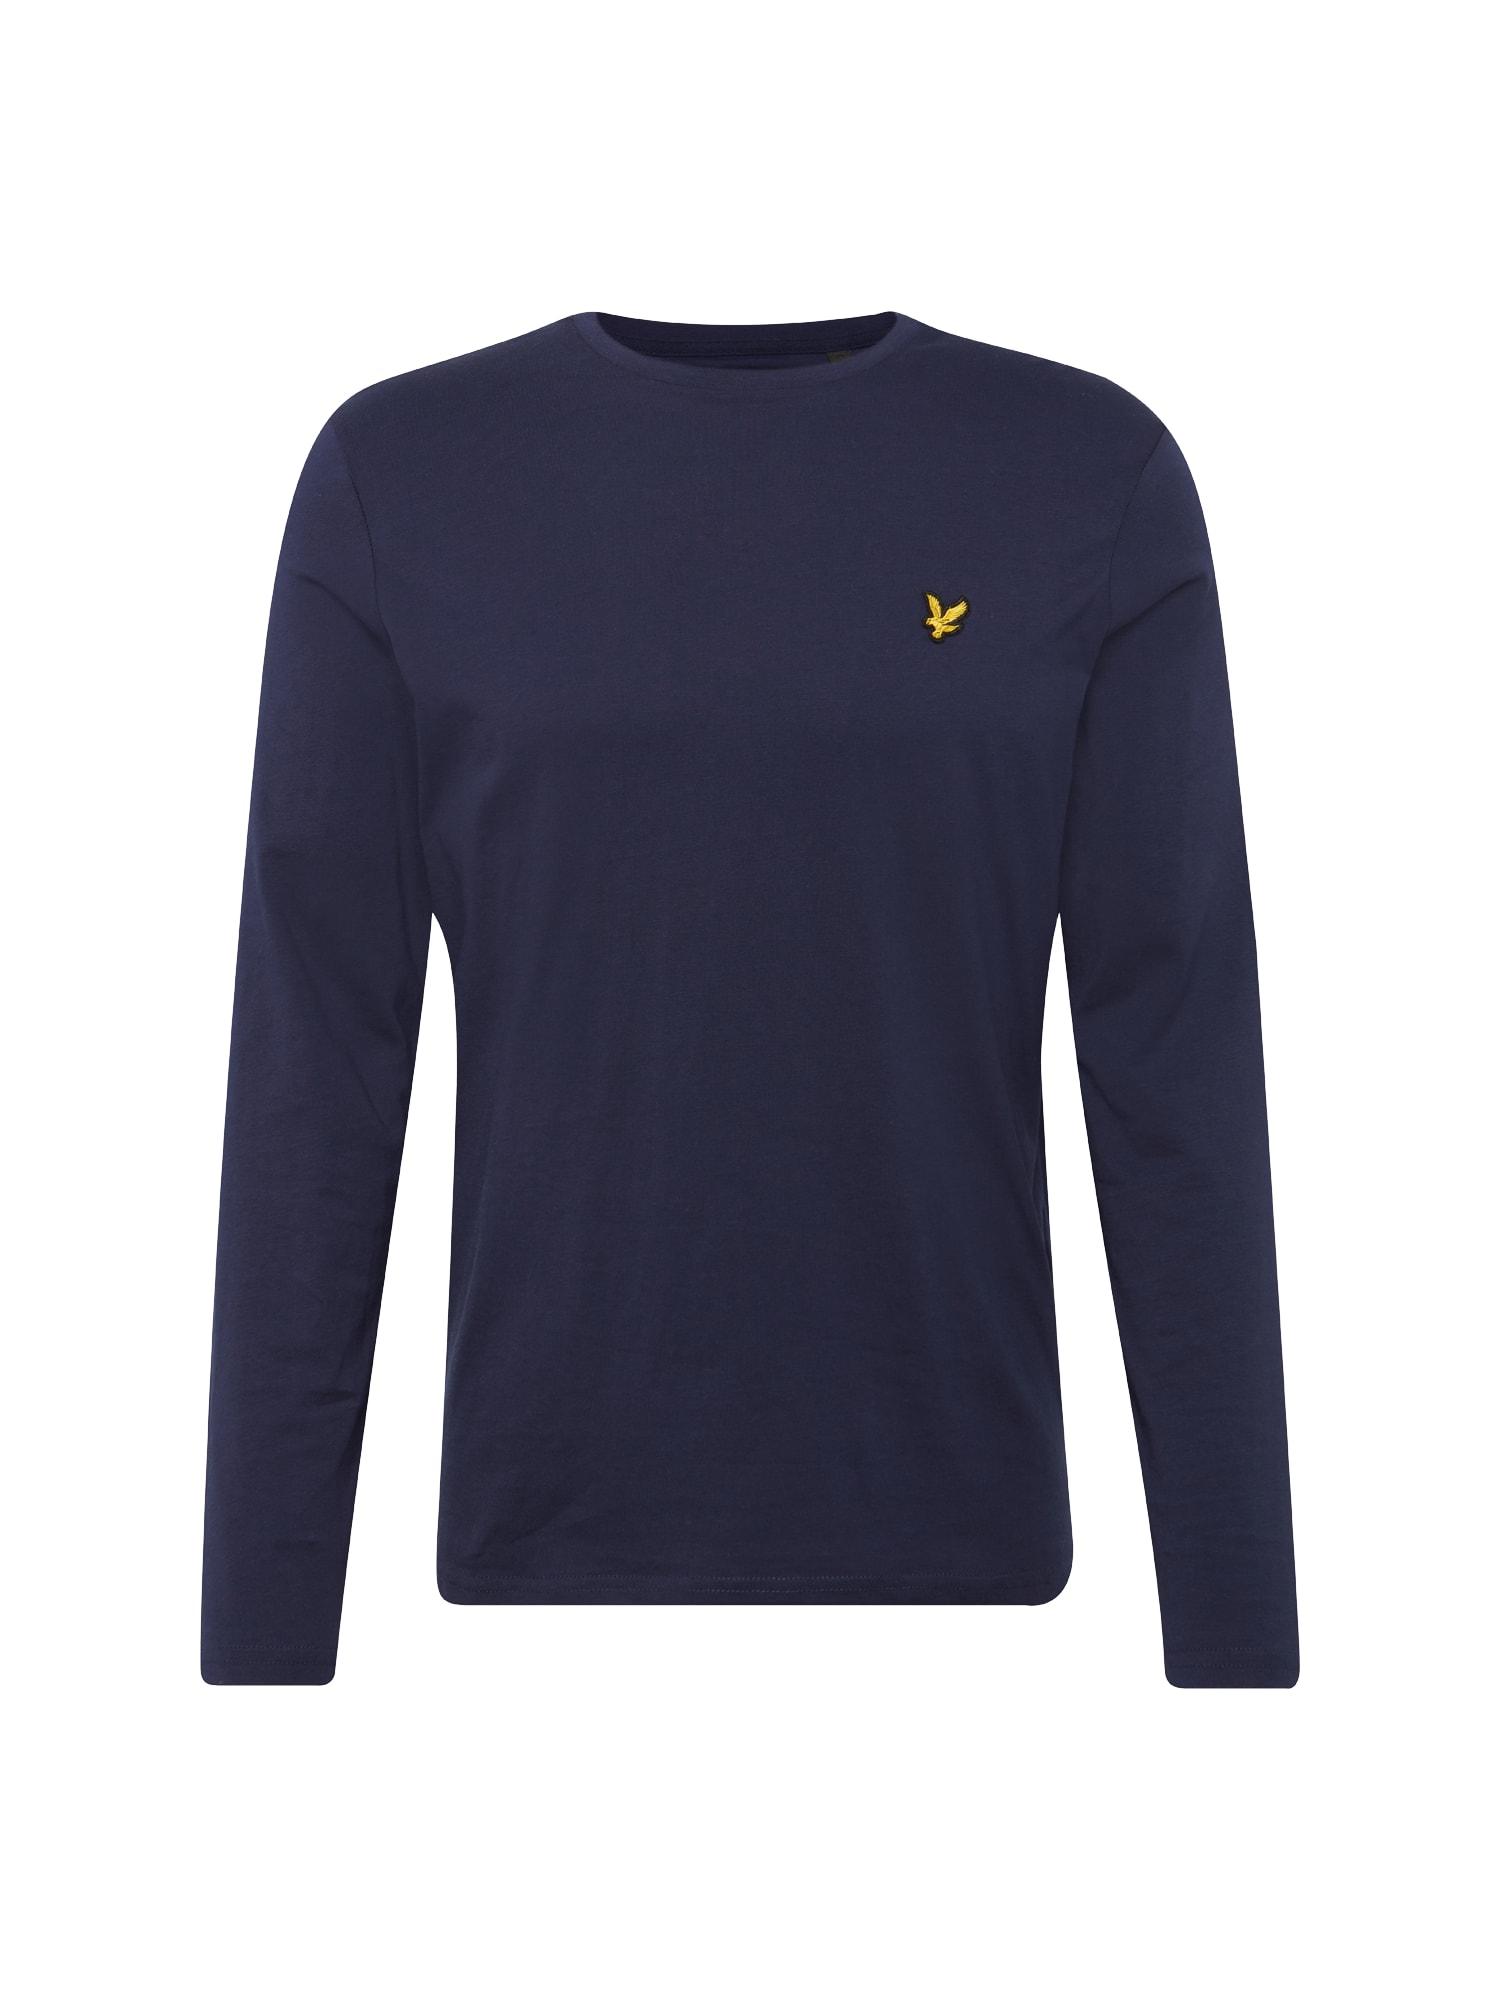 Tričko námořnická modř žlutá Lyle & Scott